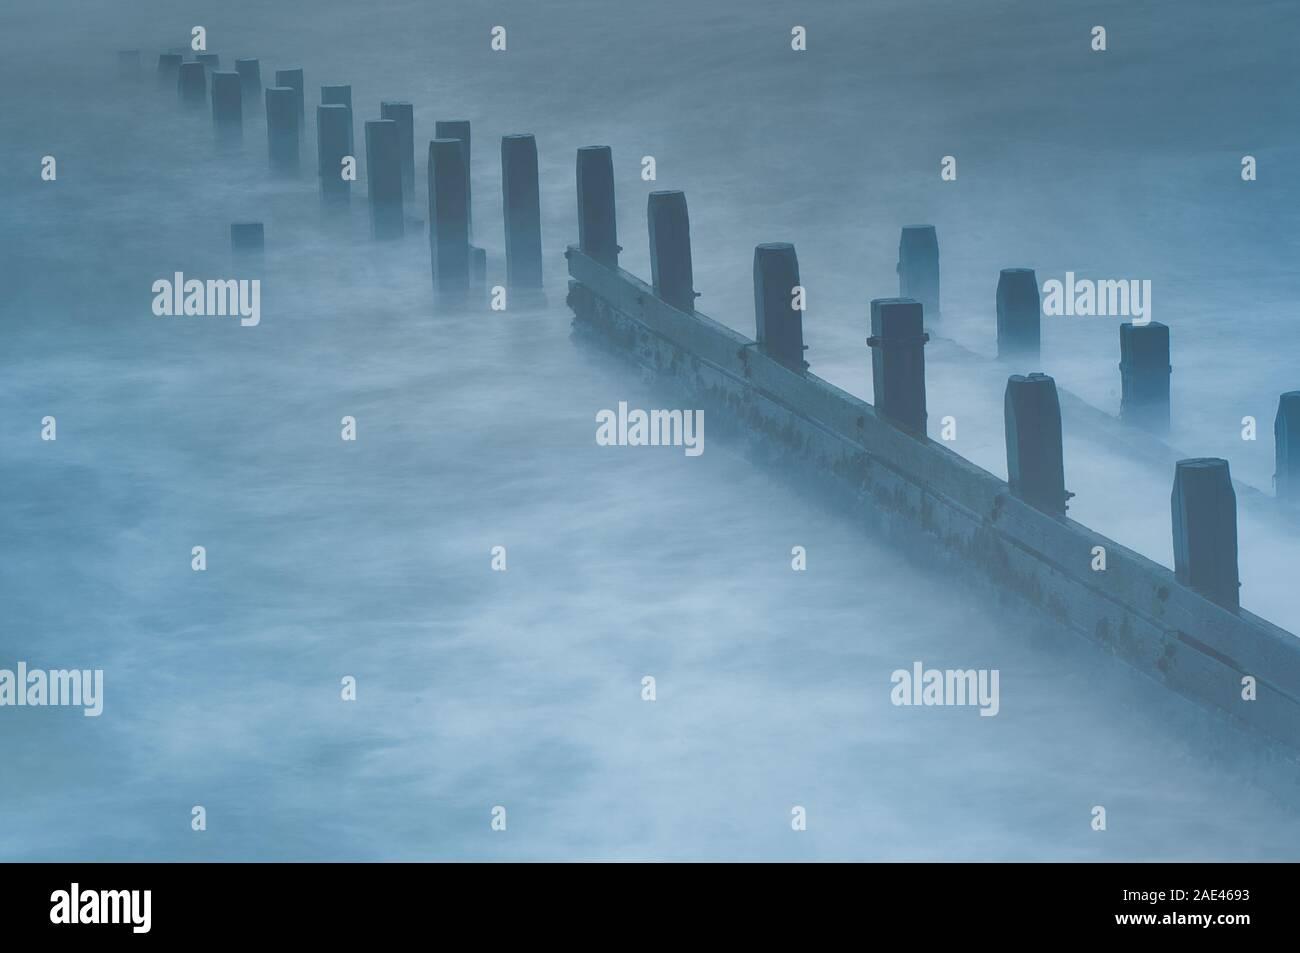 La larga exposición de las olas rompiendo sobre una ola de madera romper capeado puestos ofreciendo una línea líder en el mar del Norte. Concepto costera pacífica Foto de stock